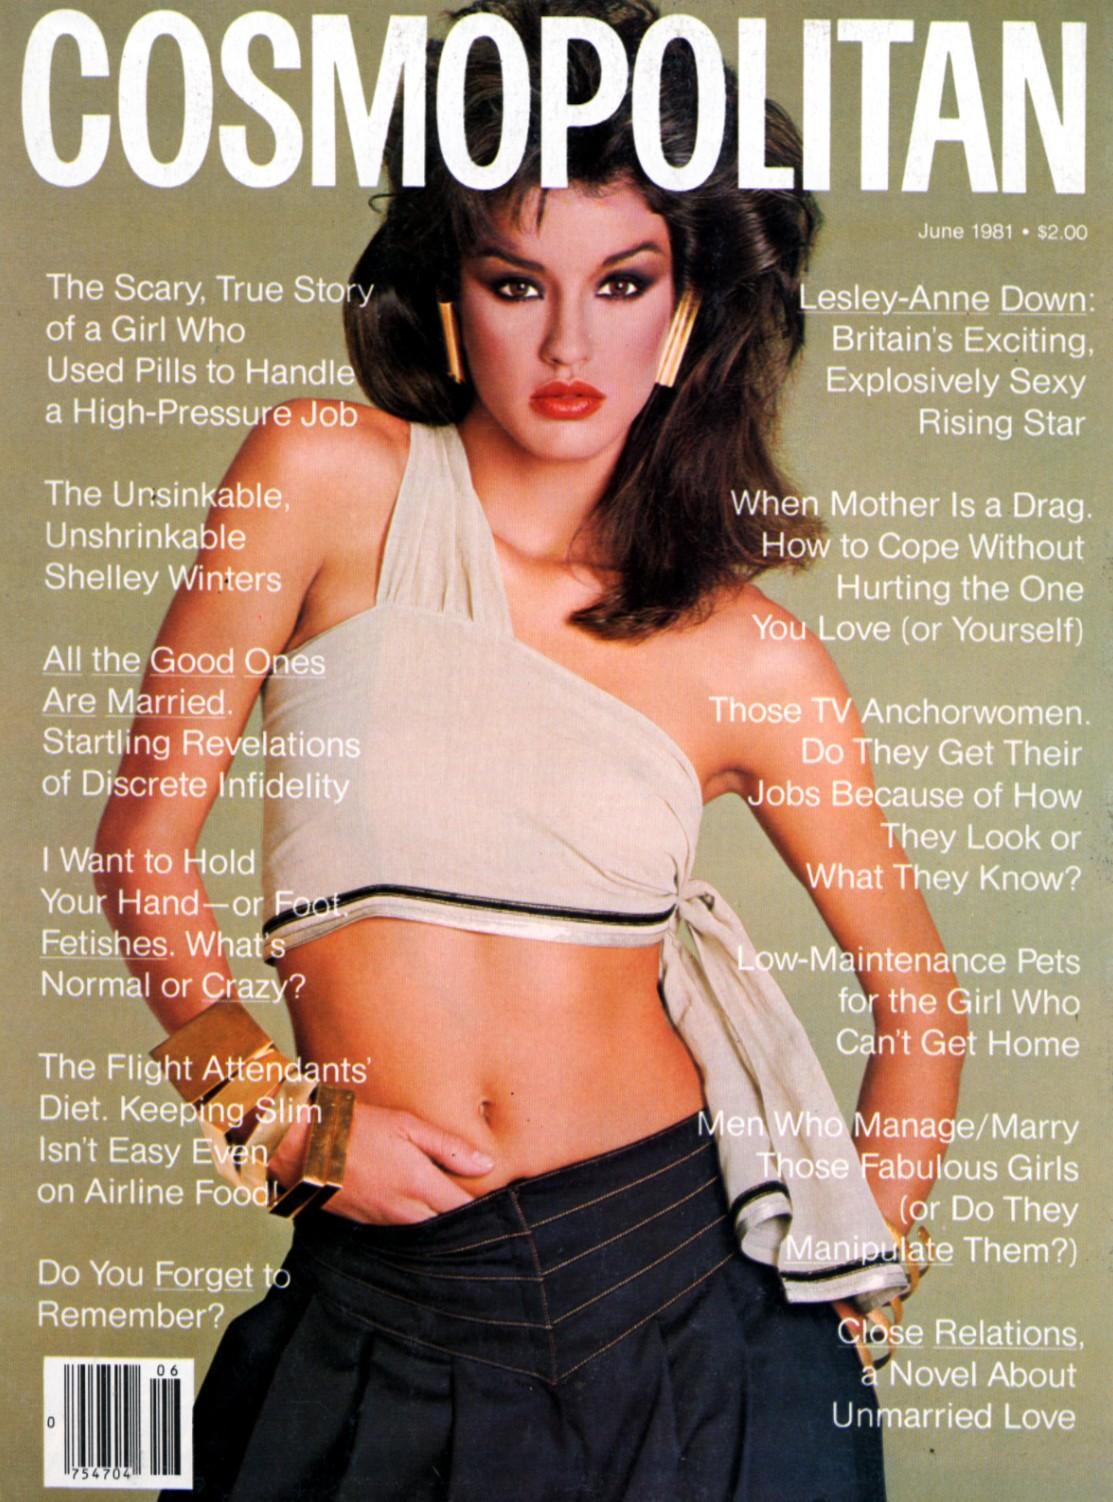 http://3.bp.blogspot.com/_fVYegcFiyX8/TPS9UmVUIEI/AAAAAAAAAIQ/7gn3oGxOKFc/s1600/Janice+Cosmo+June+1981+Scavullo.jpg